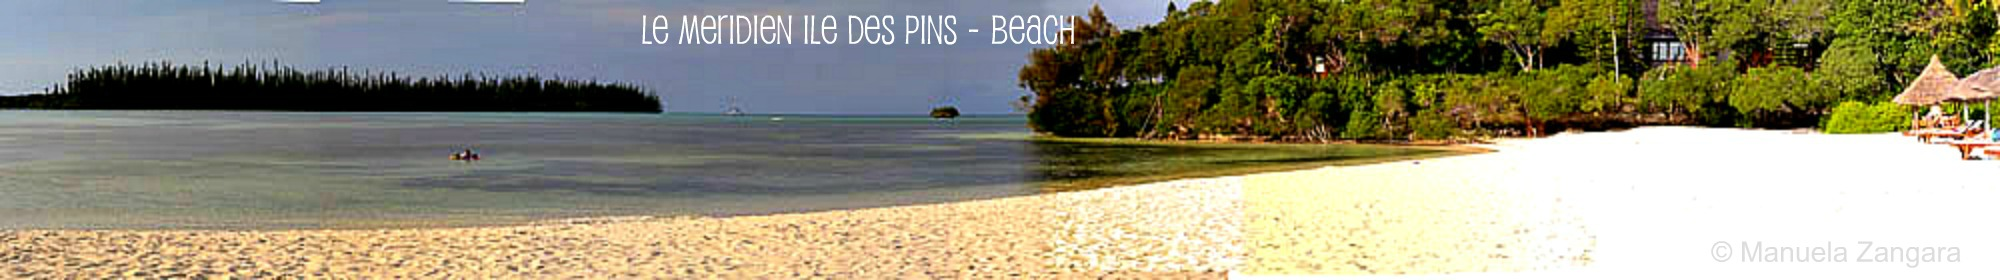 Le Meridien Ile des Pins - Beach